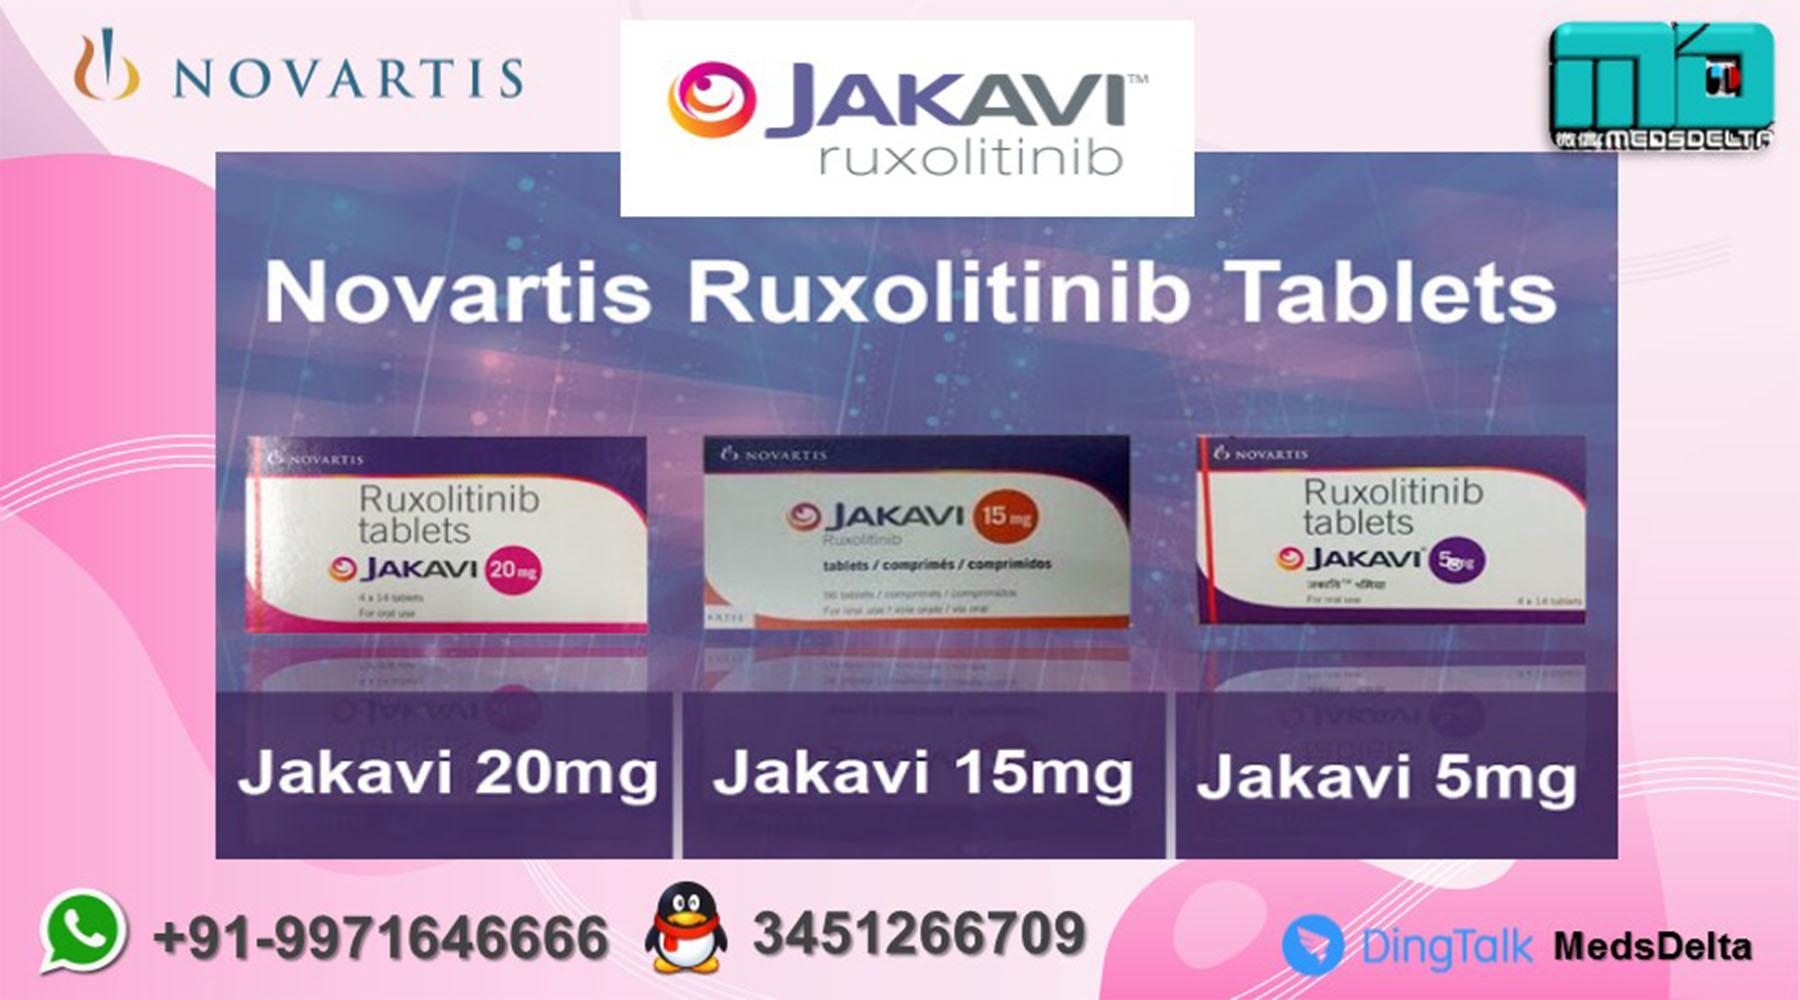 Jakavi Tablet Price Online Ruxolitinib Wholesale Supplier